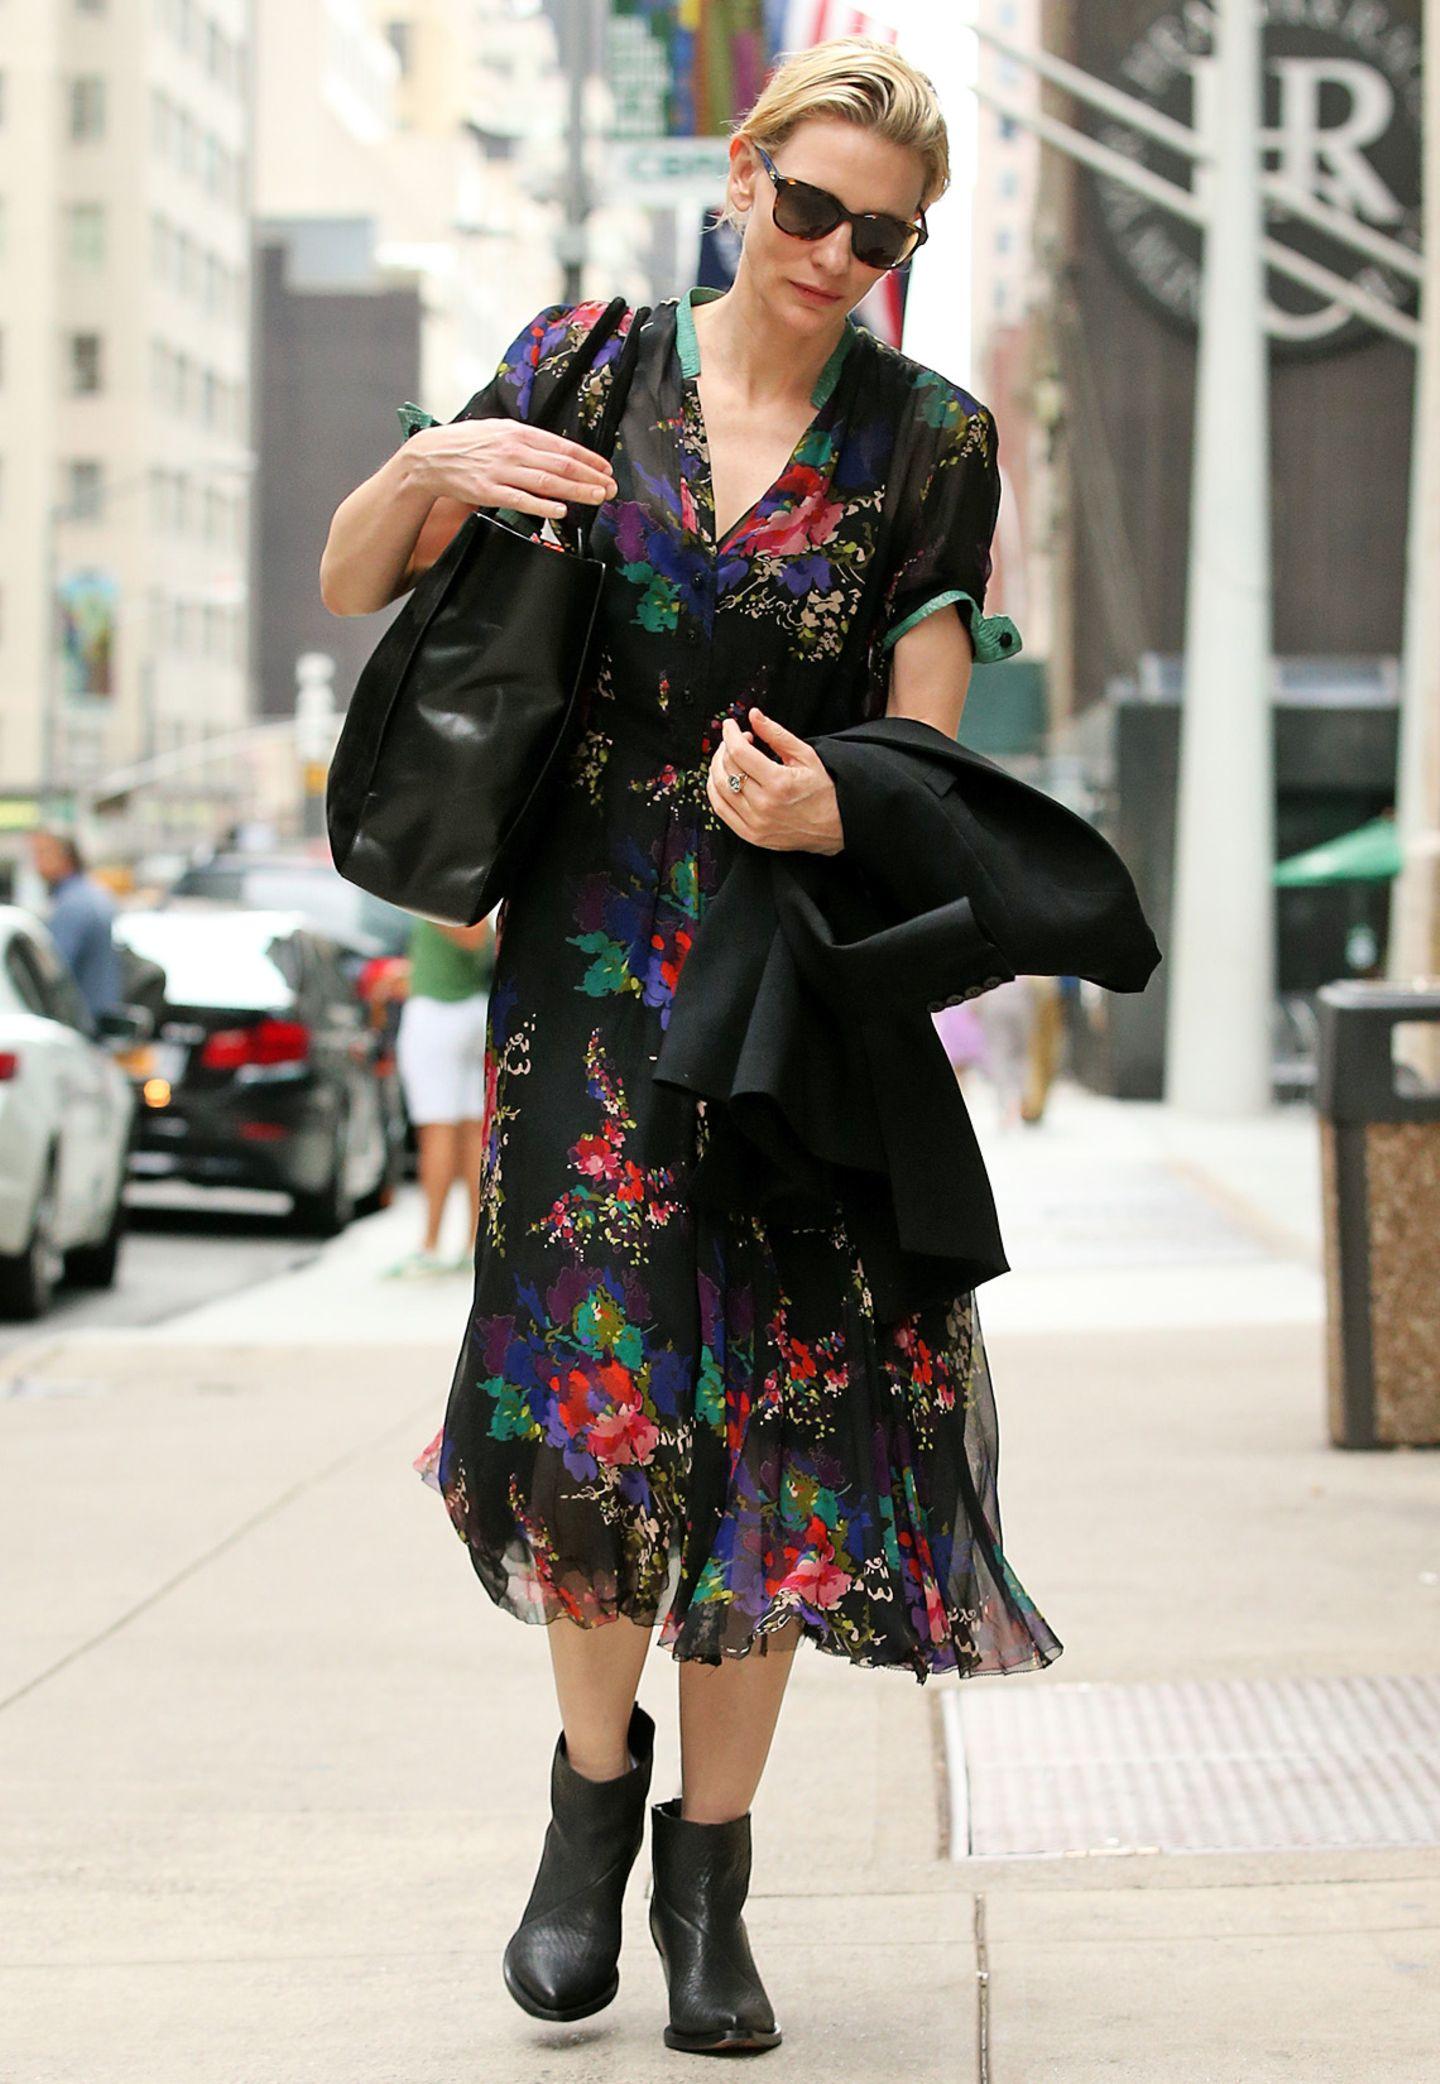 Zum floralen Midikleid trägt Cate Blanchett einen schlichten, schwarzen Ledershopper und bequeme Stiefeletten aus genarbtem Leder.